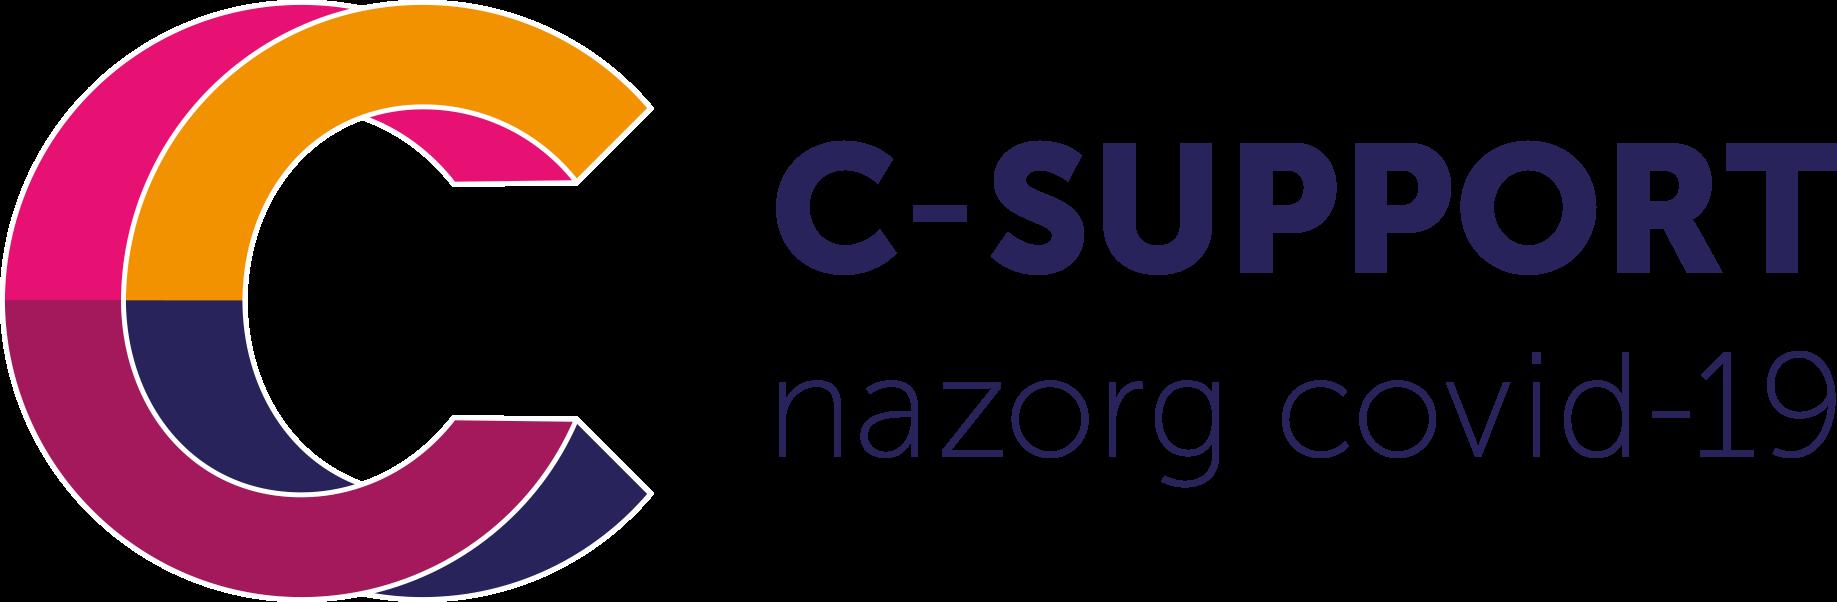 Nazorg covid 19 – corona support